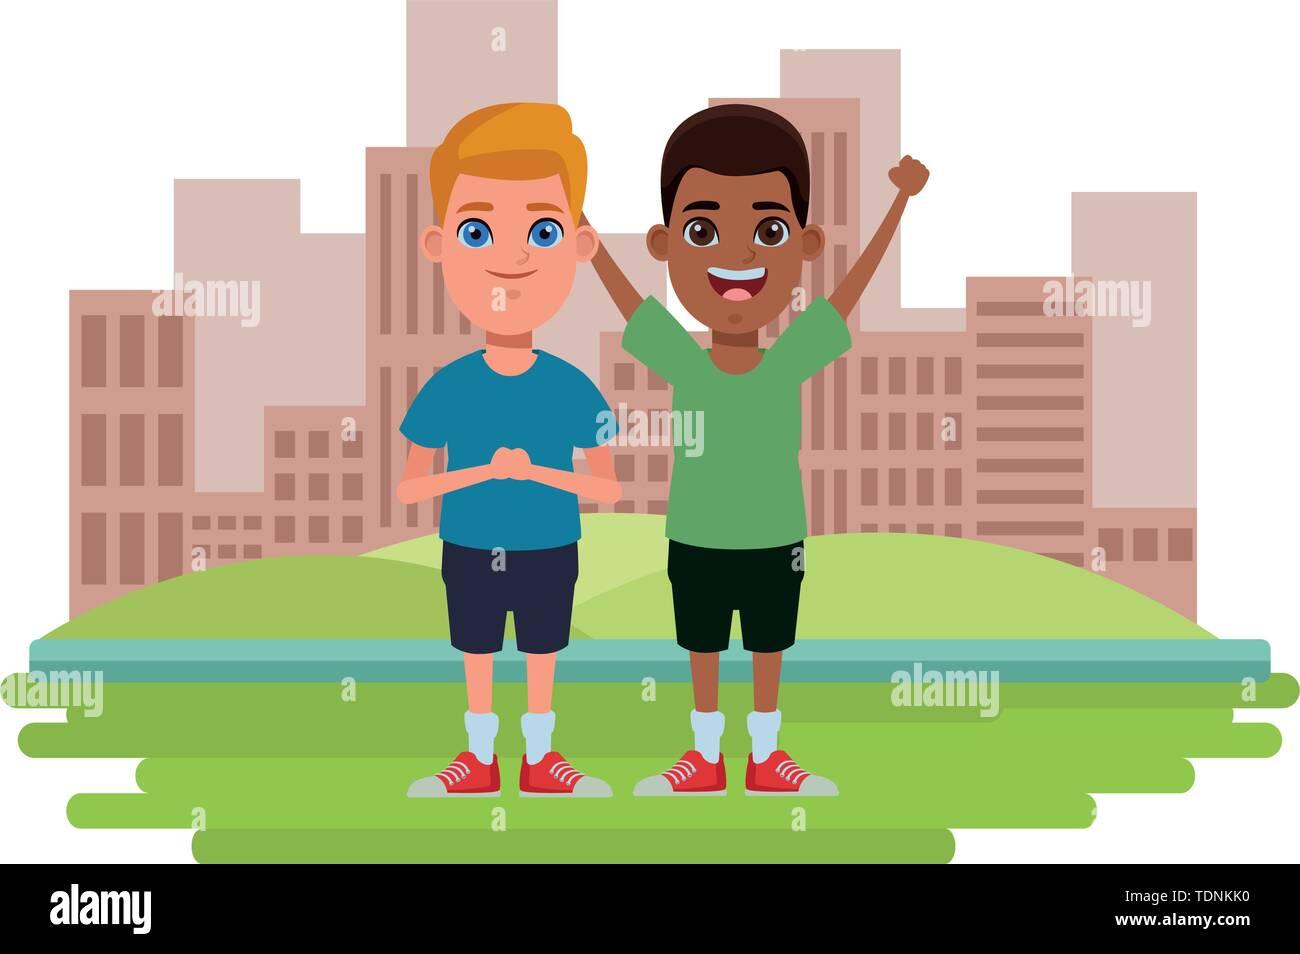 Zwei Kinder afroamerican Junge mit Händen und blonde Junge Profil Bild Cartoon Character Portrait über das Gras mit Stockbild